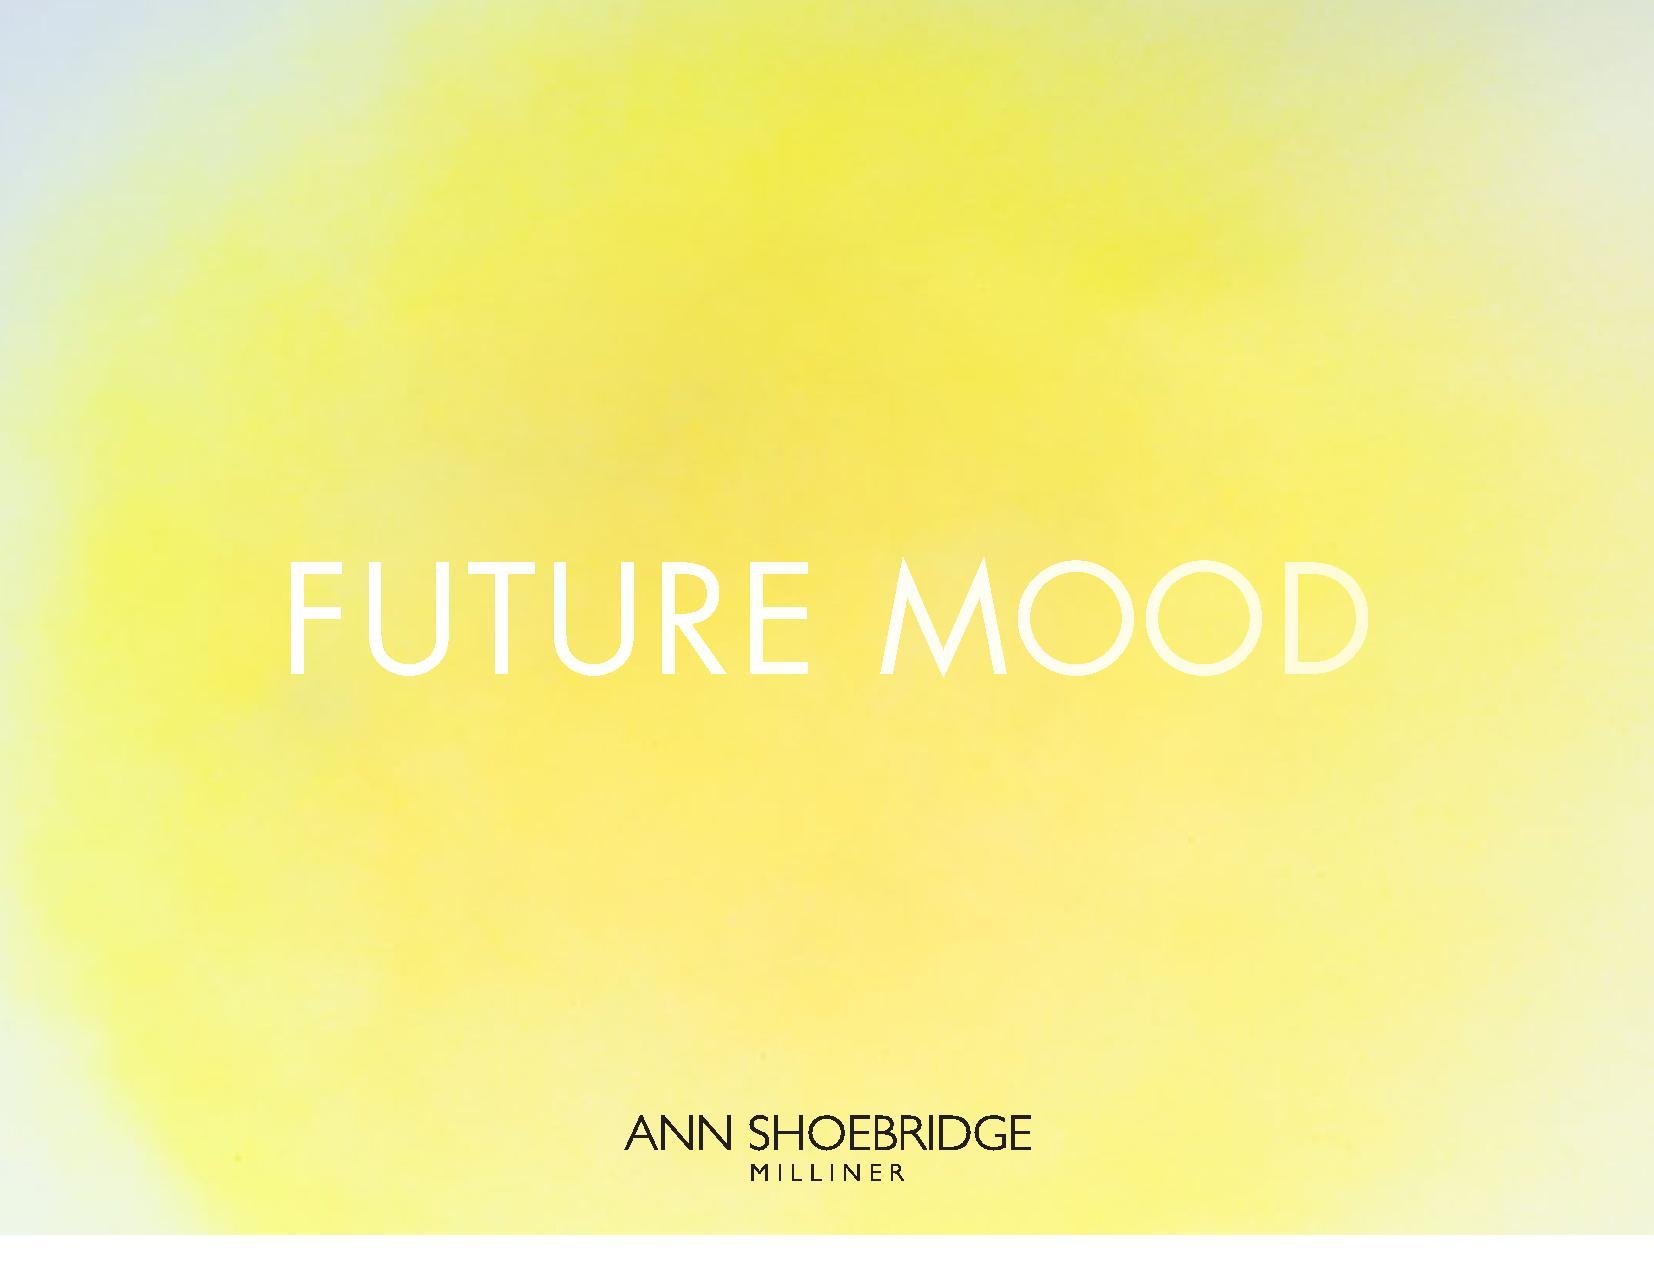 future_mood_2015_lookbook-page-001